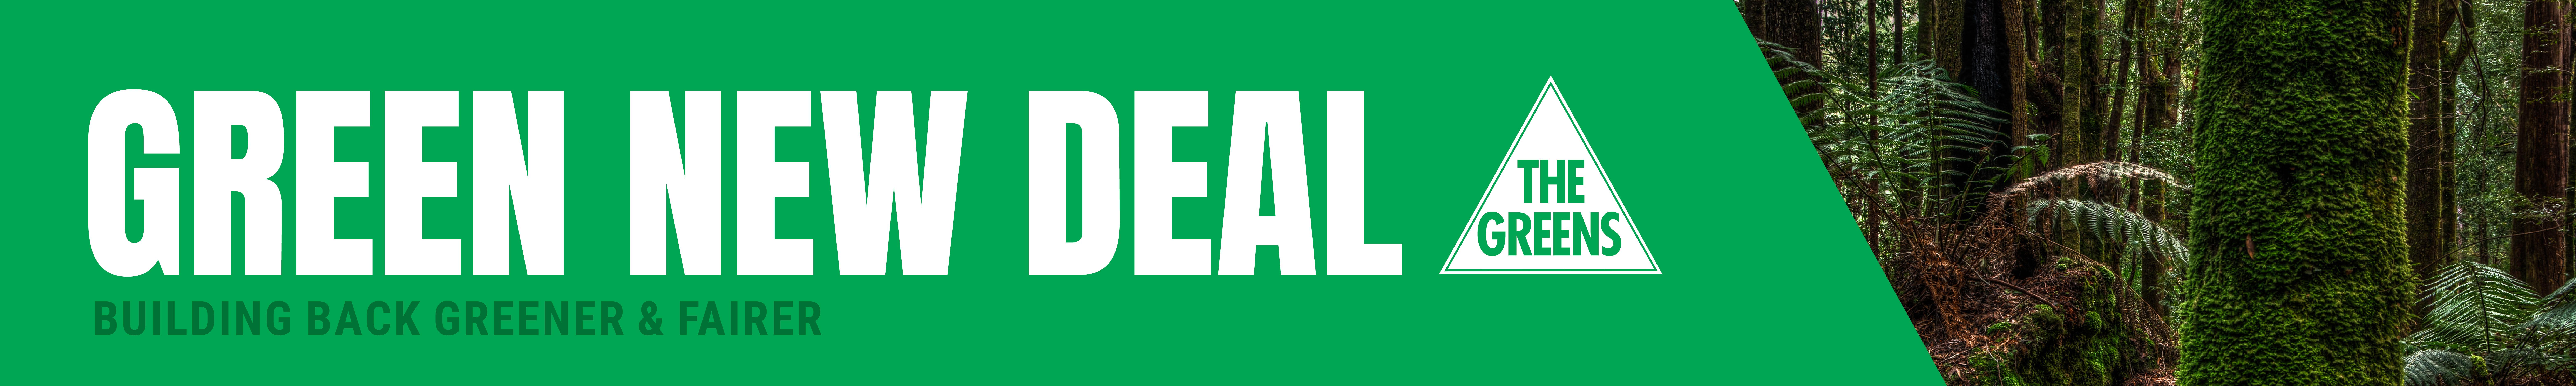 Tasmanian Green New Deal Banner